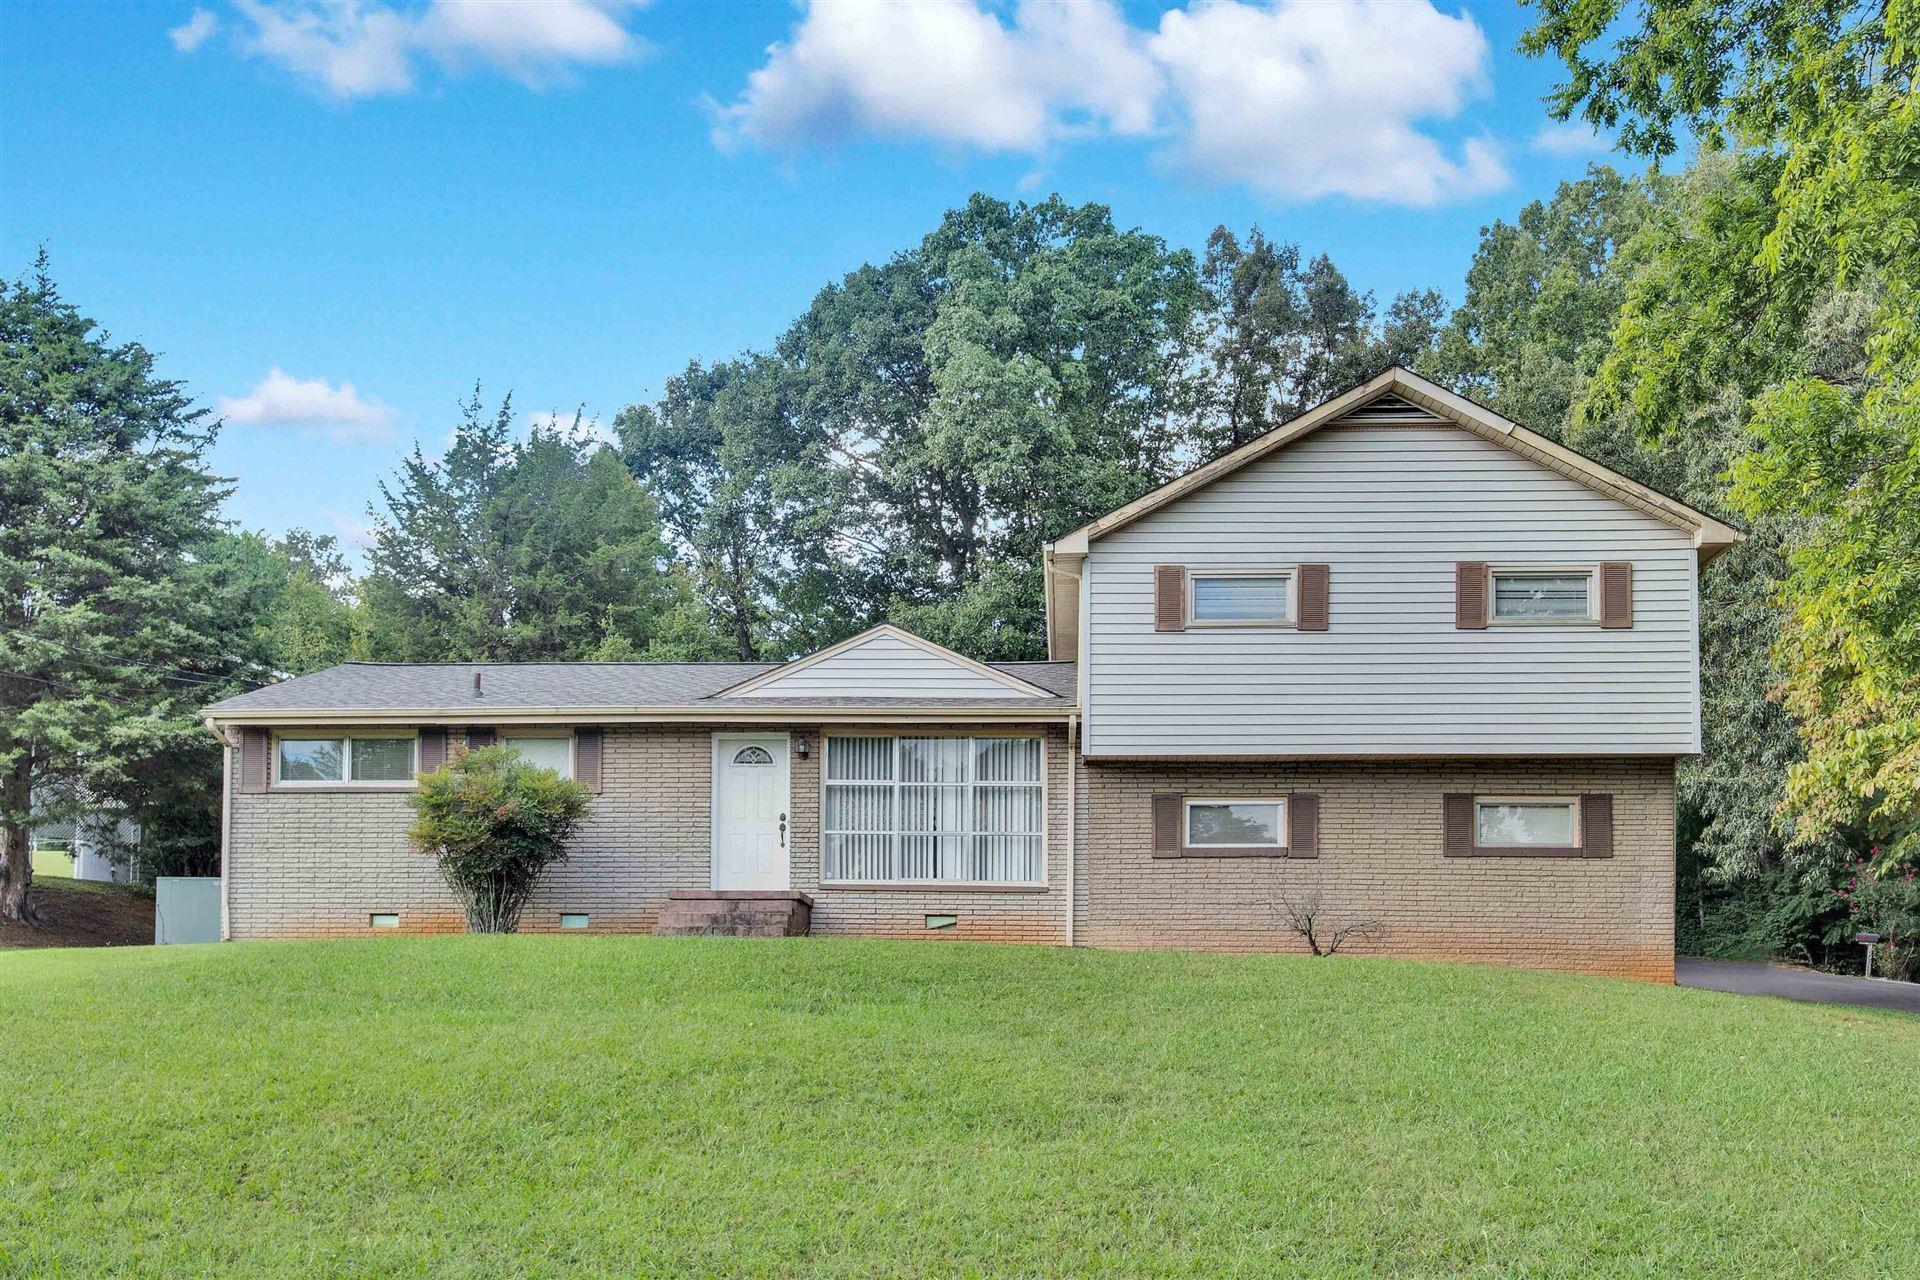 Photo of 619 Tillman Rd, Knoxville, TN 37912 (MLS # 1167893)